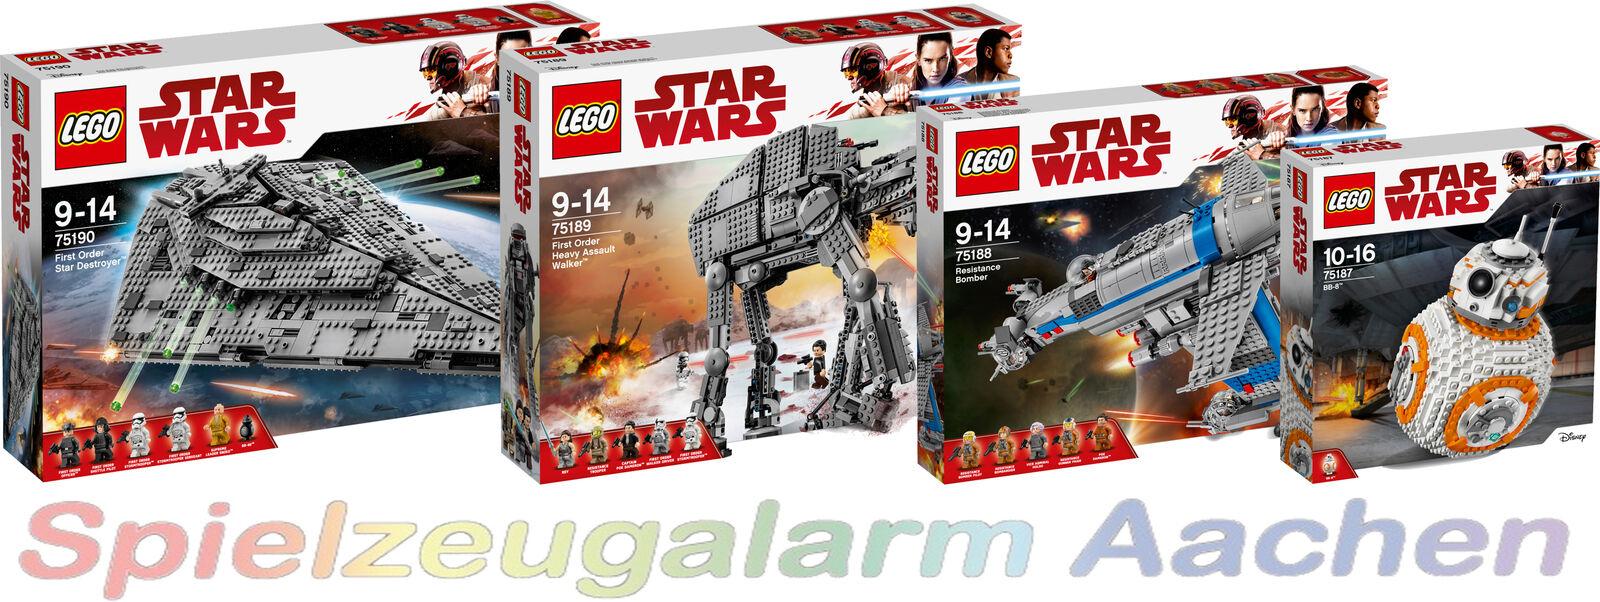 LEGO ® Star Wars 75190+75189+75188+75187 Star Destroyer Walker Resistance Bomber